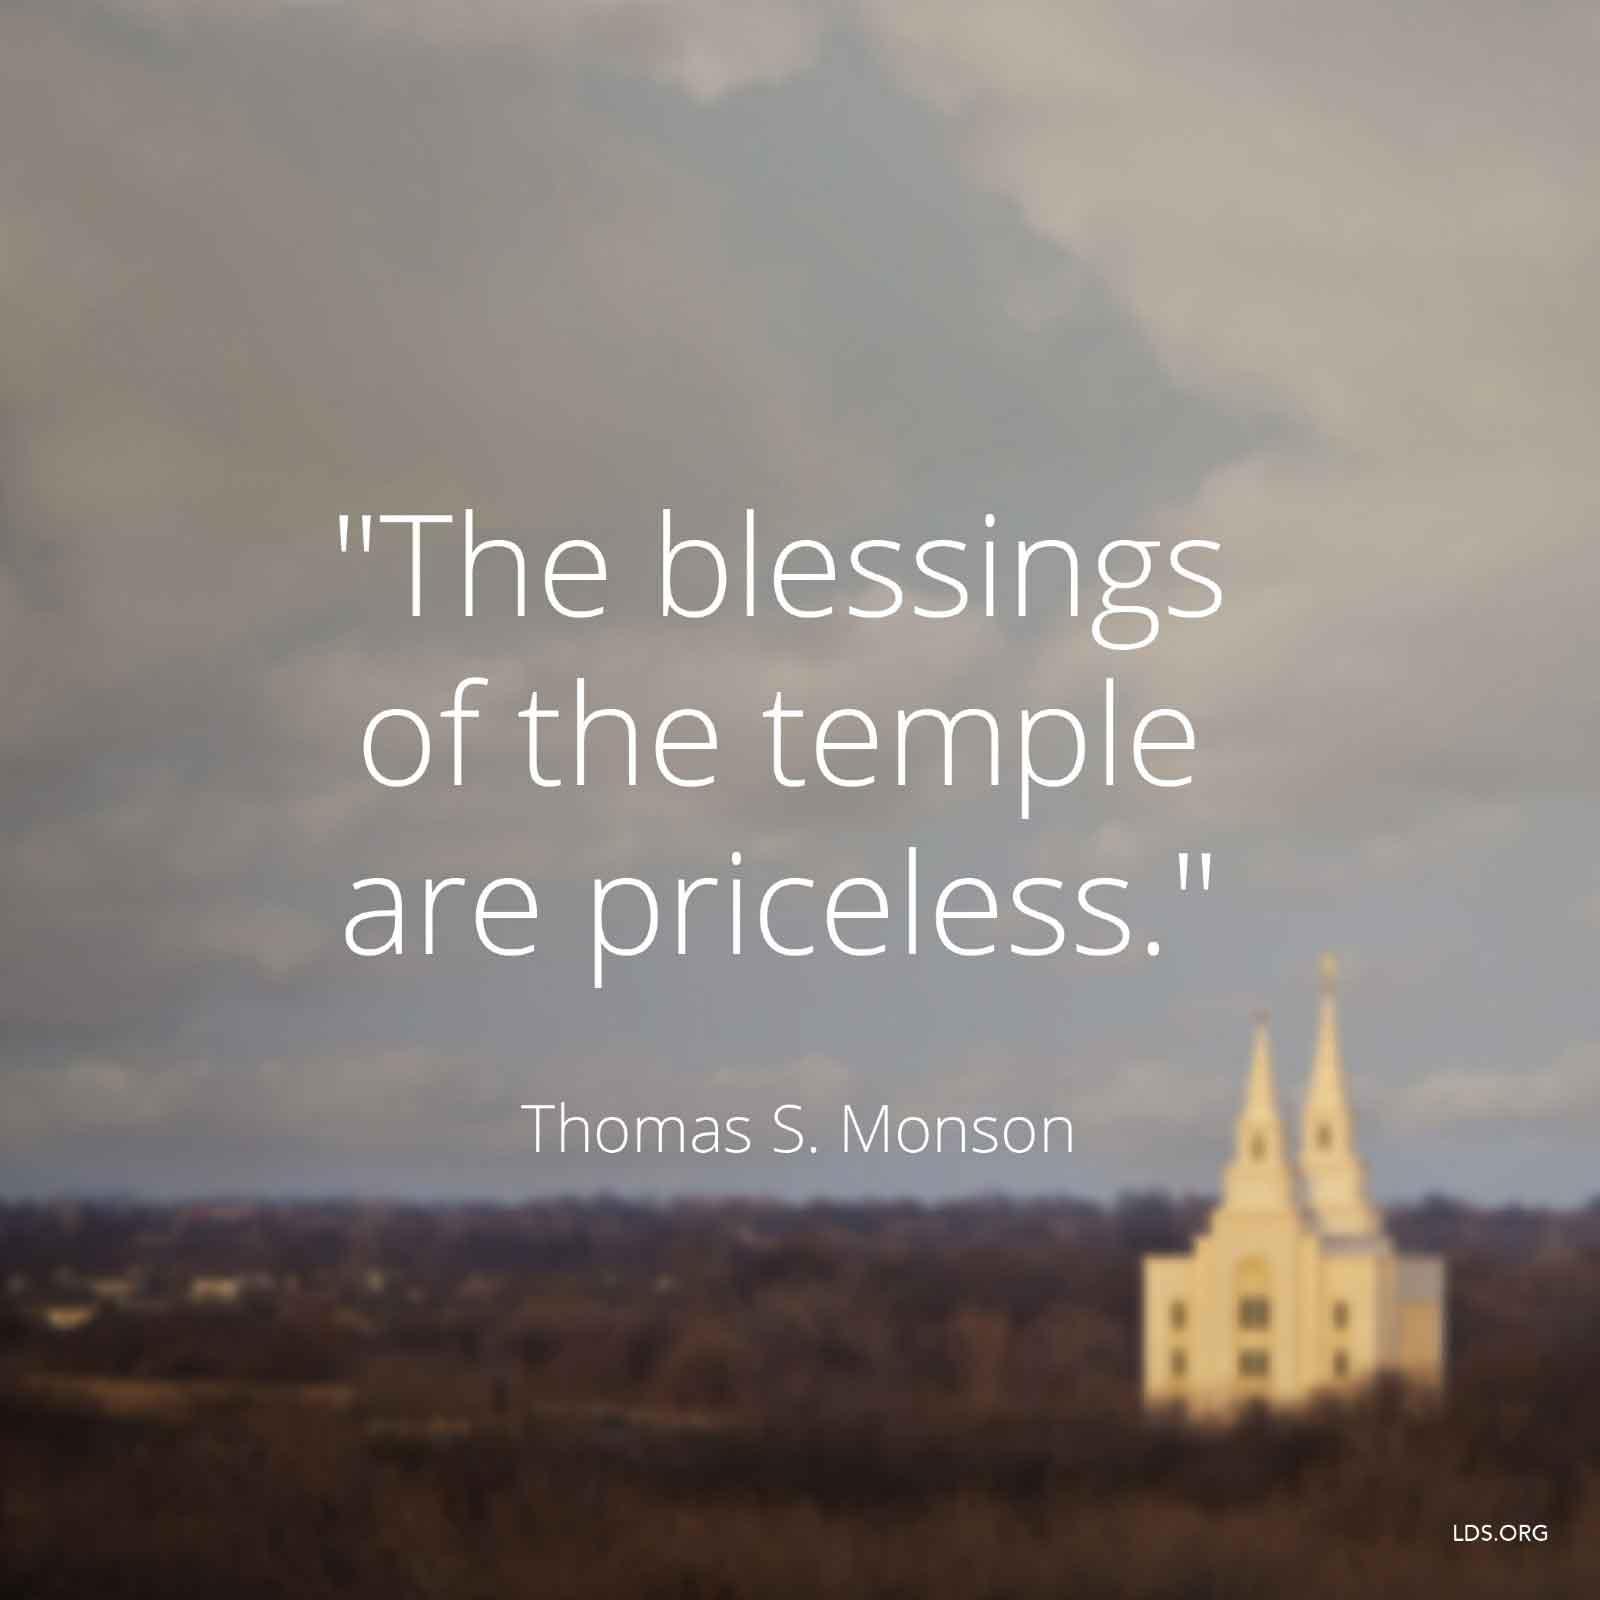 meme-monson-blessings-temple